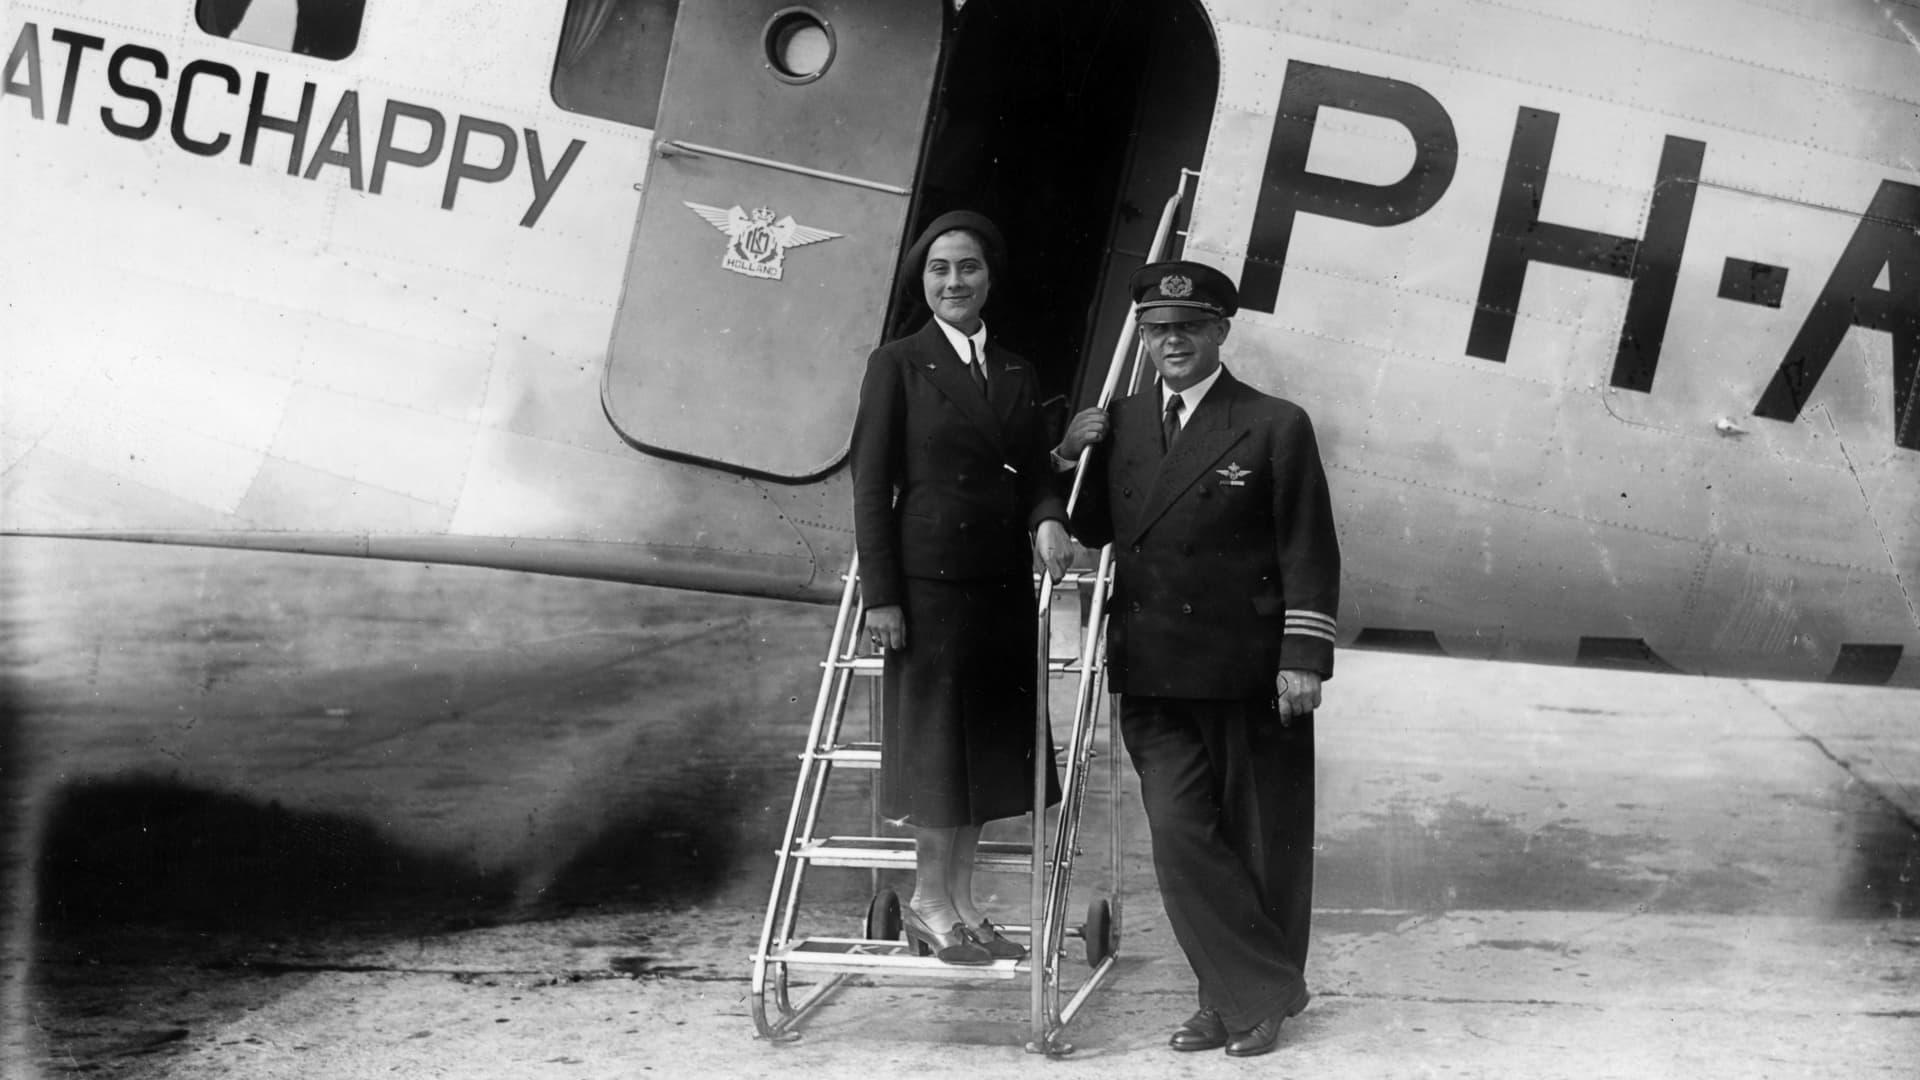 A KLM air hostess and pilot, circa 1935.